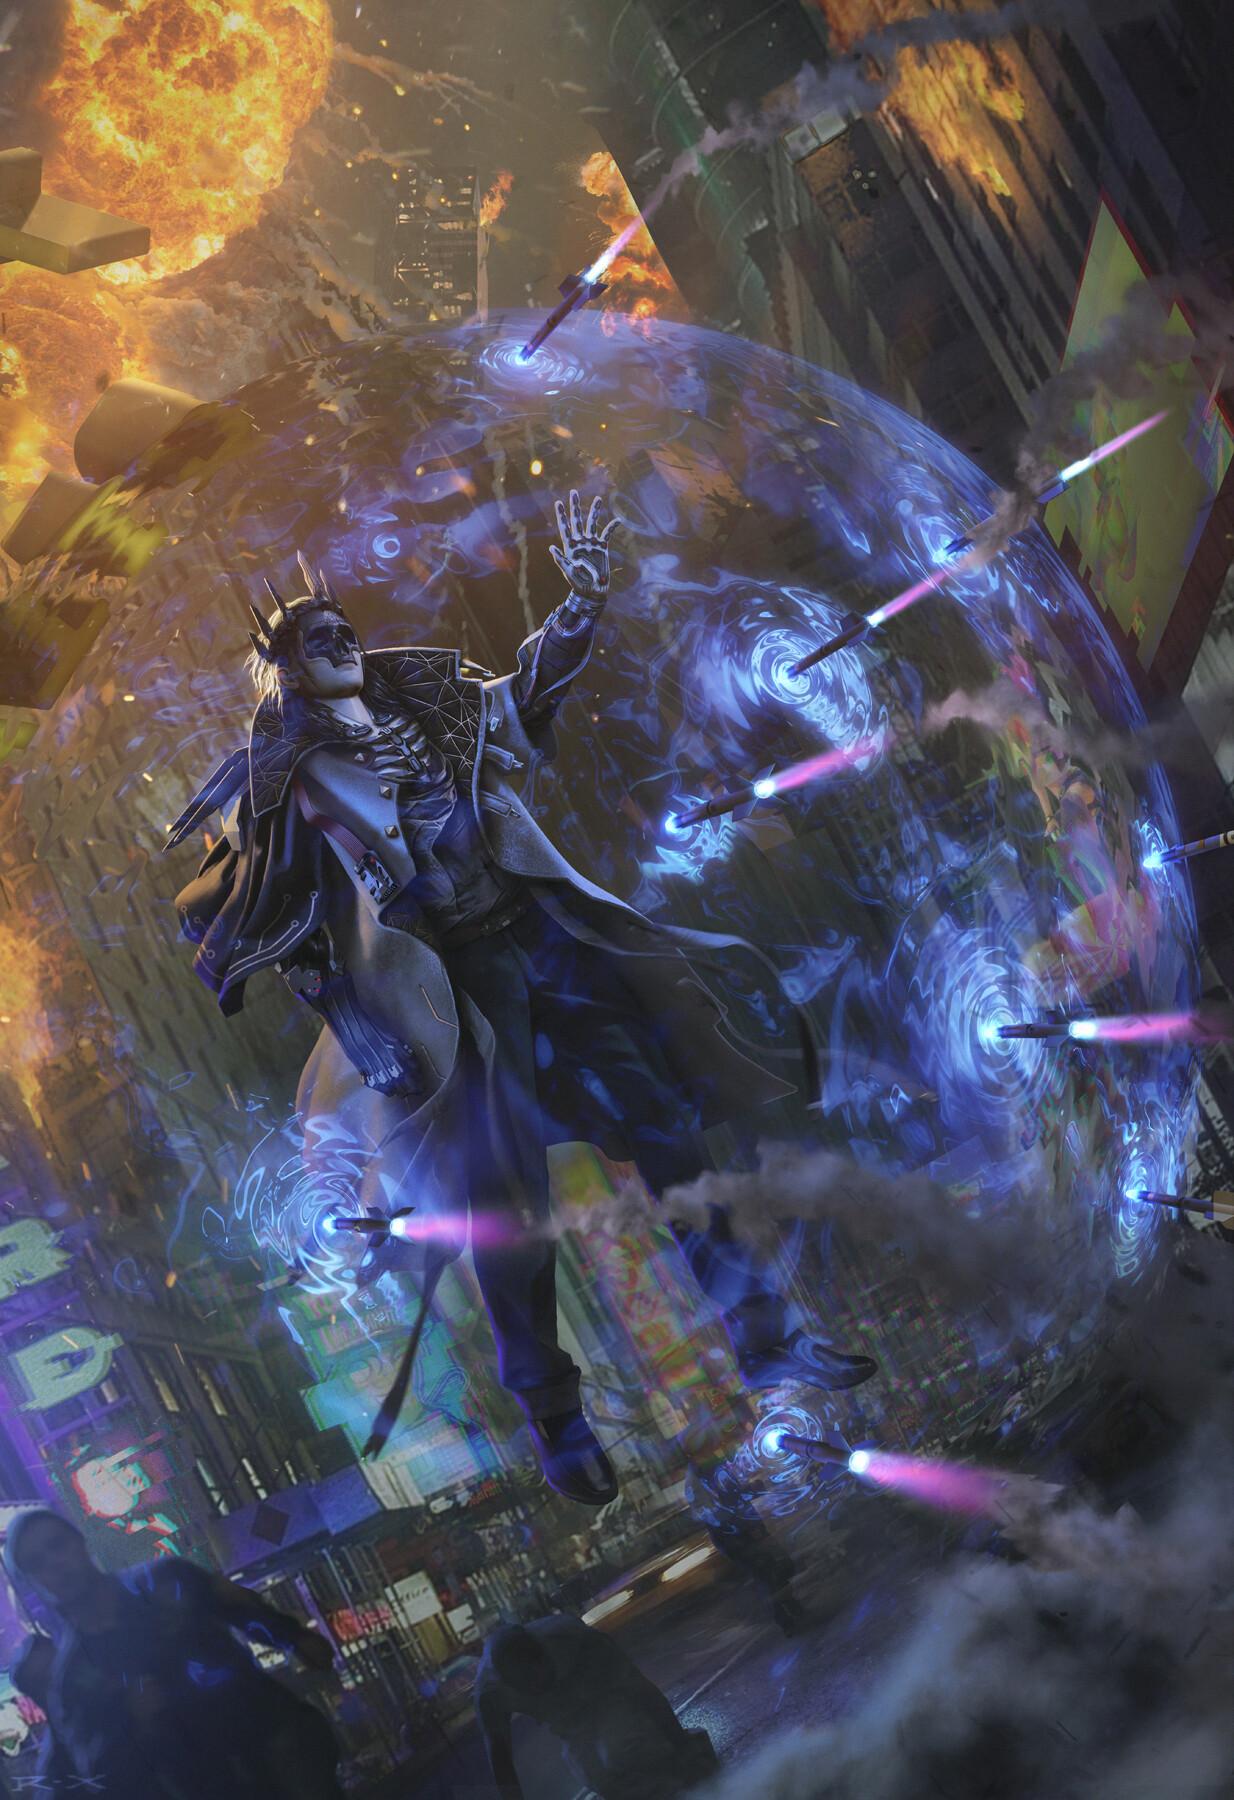 General 1234x1800 cyberpunk ArtStation digital art artwork Cyberpunk 2077 fan art The Witcher 3: Wild Hunt